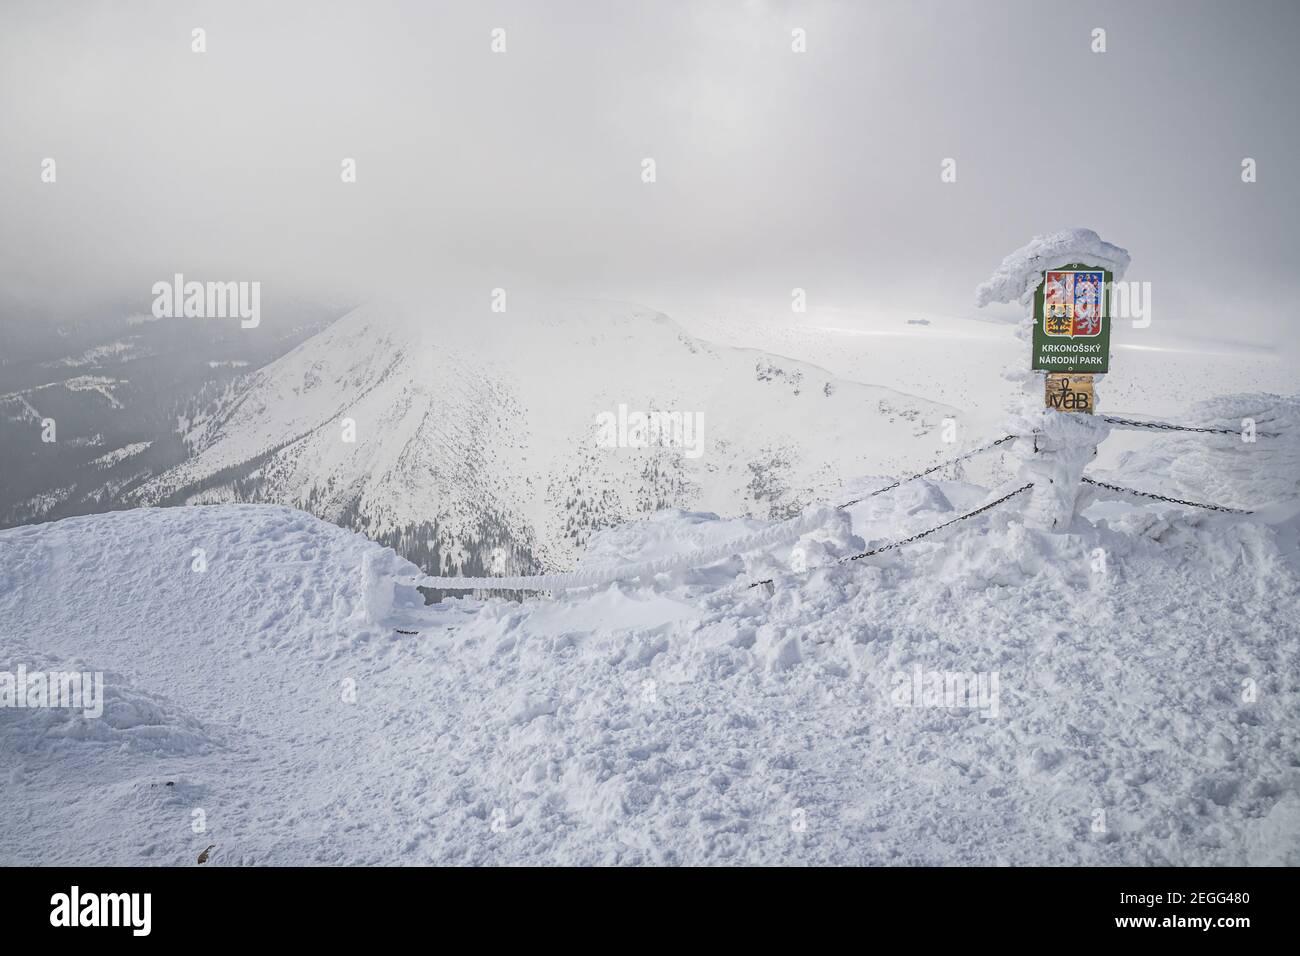 KRKONOSE, RÉPUBLIQUE TCHÈQUE - Mars 2020 - signe du parc de Narodni Krkonossky dans la neige en tchèque - Parc national de Krkonose KRNAP - au sommet de la montagne Snezka Banque D'Images